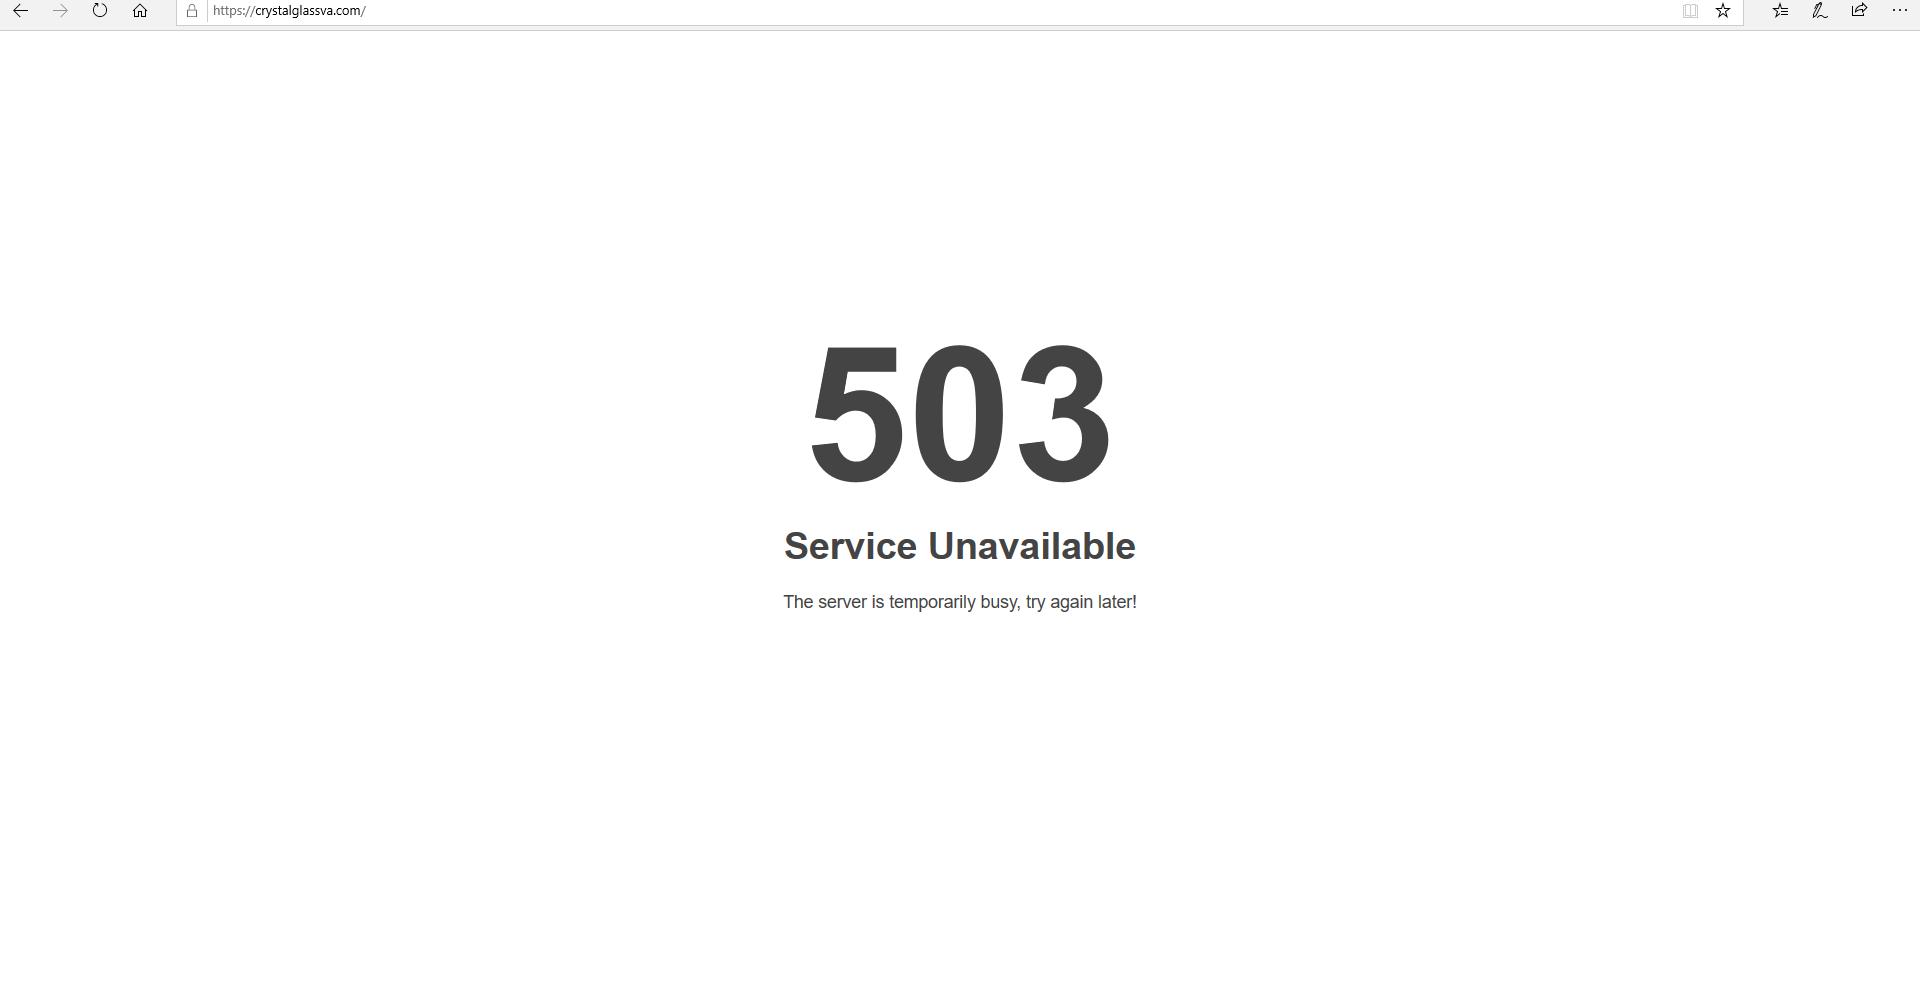 HTTP Error Uploading Images